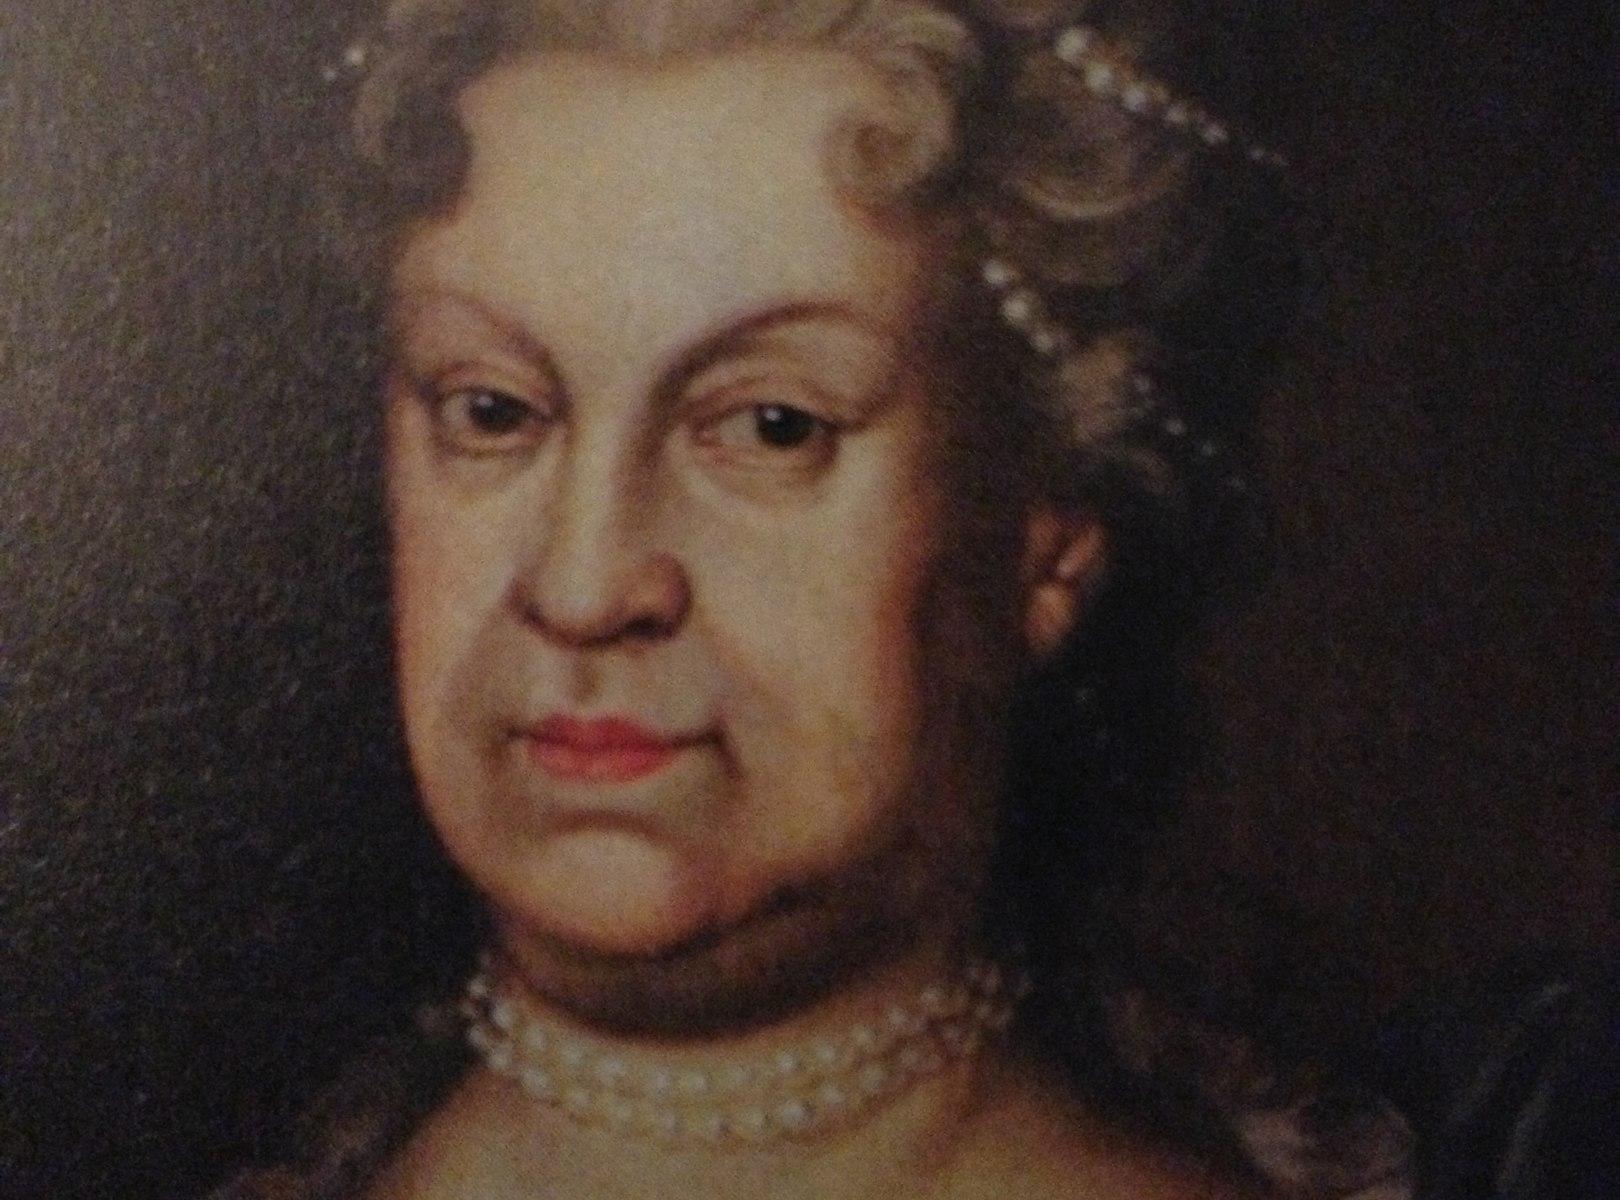 Æmilie Juliane von Barby-Mühlingen (CC BY-SA 3.0 Wir photographieren selbst III)